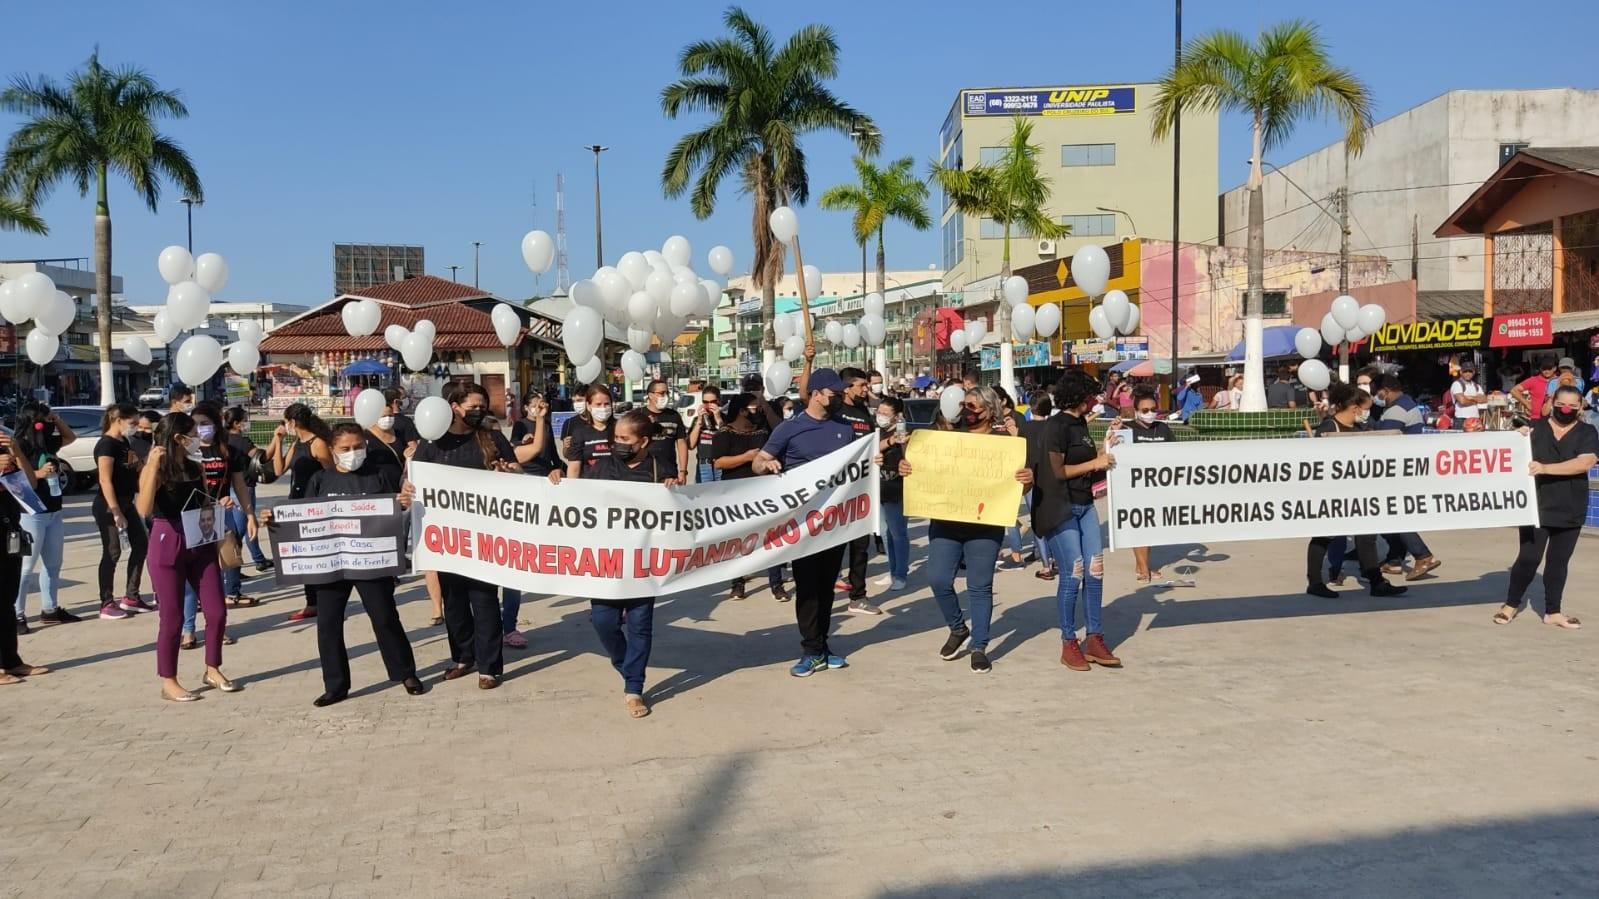 Após apresentar proposta, servidores da saúde de Cruzeiro do Sul suspendem greve por 5 dias úteis